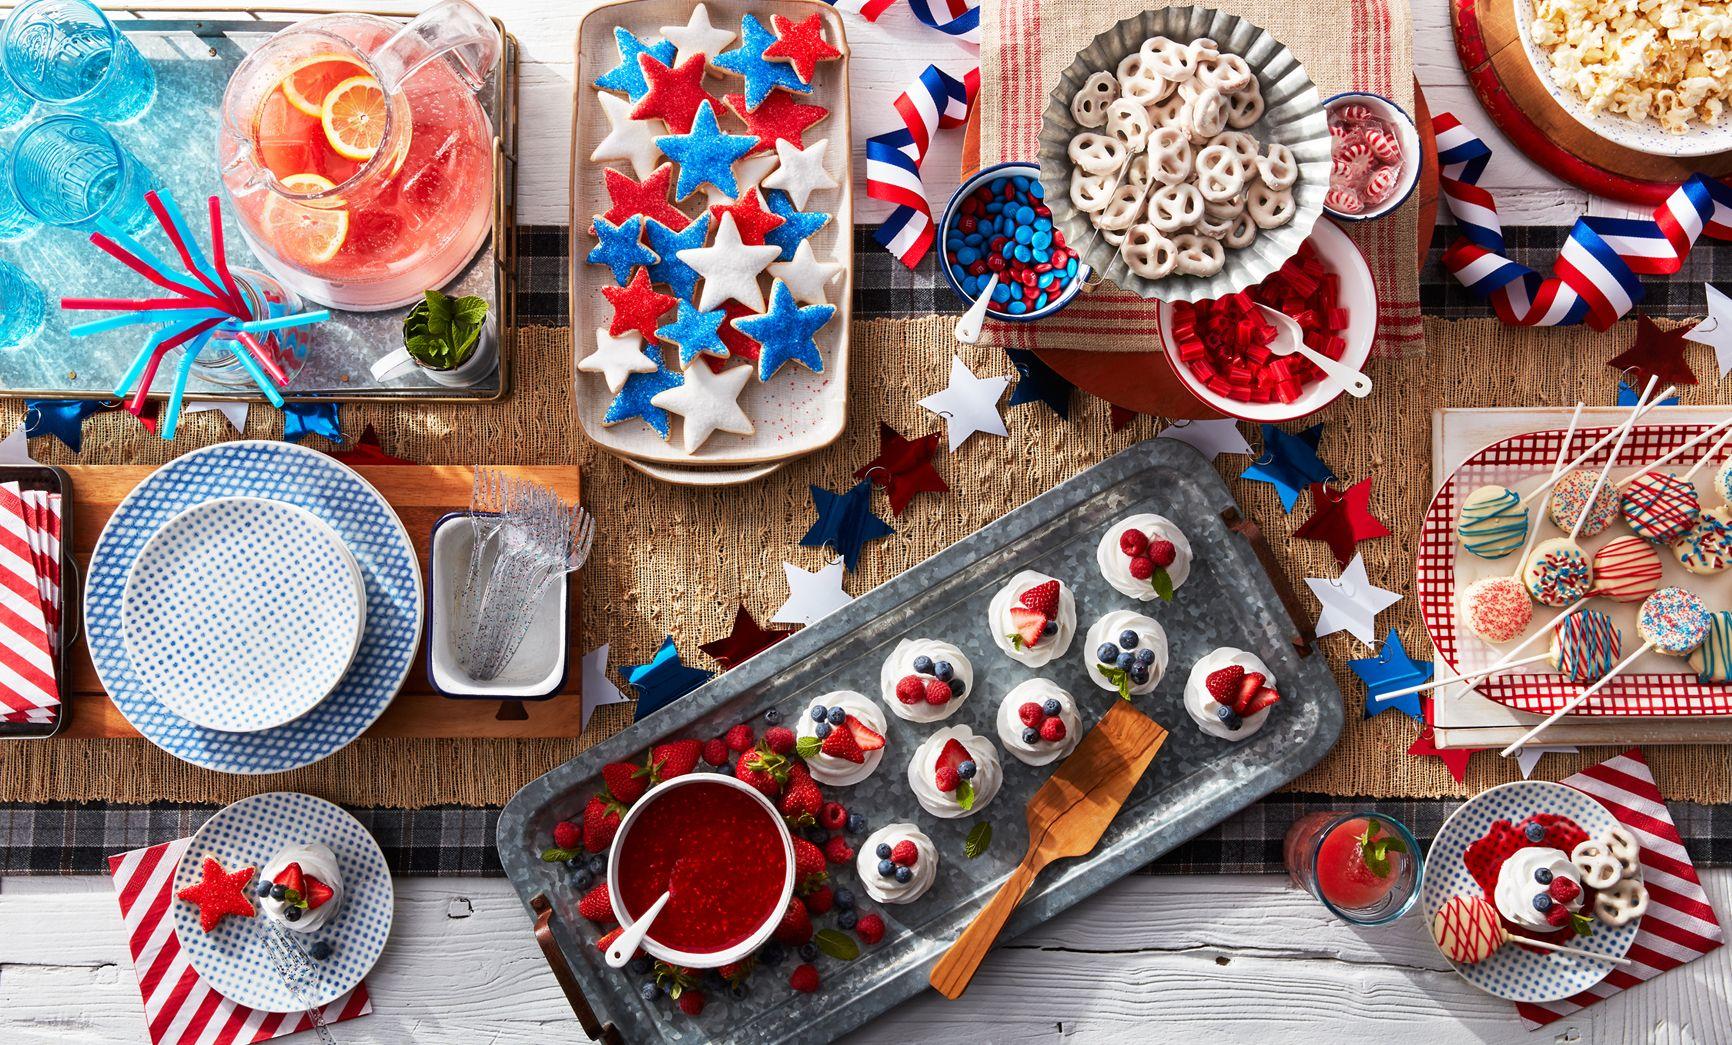 lisa bishop food stylist- Patriotic spread